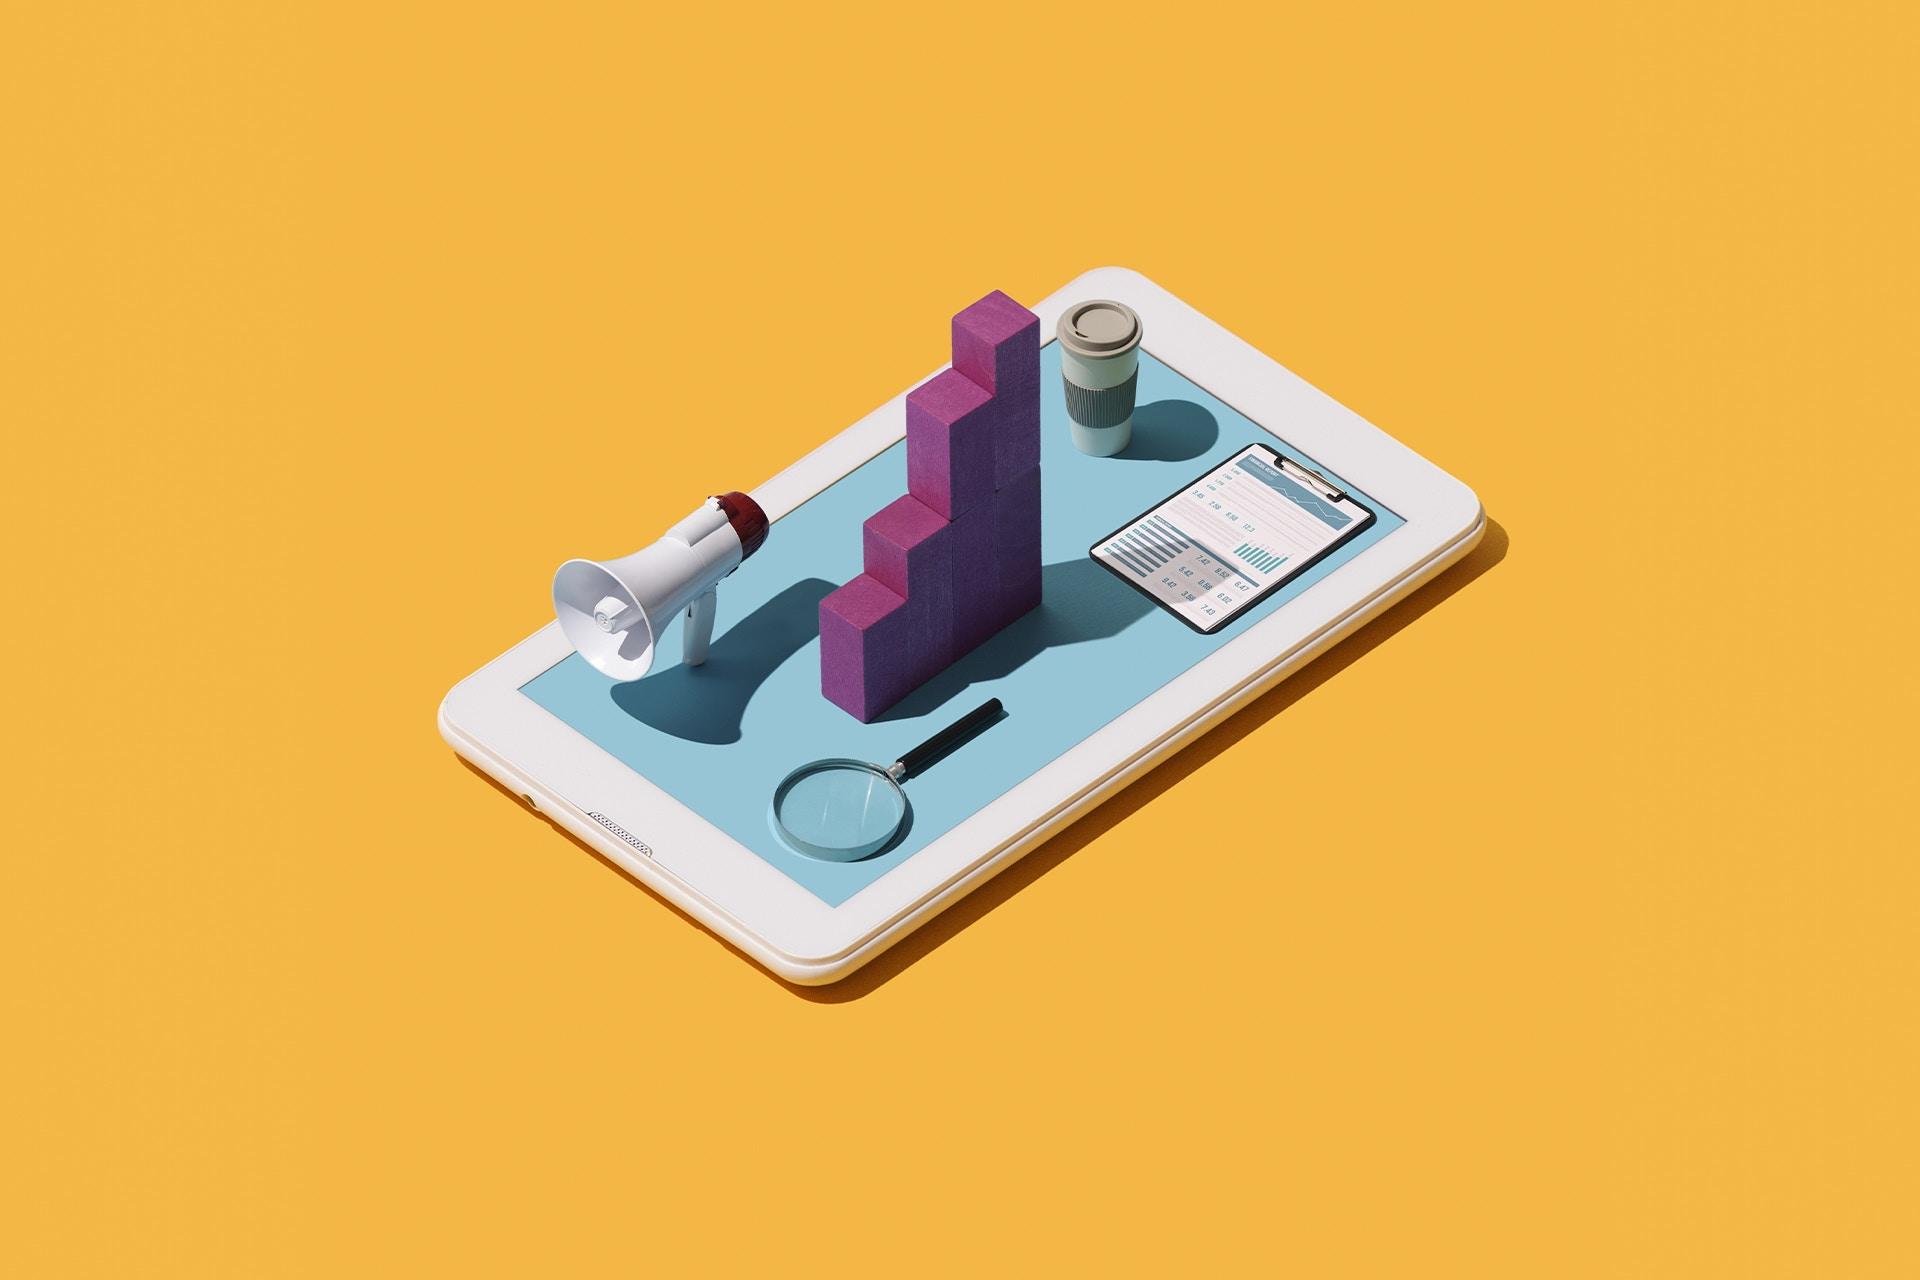 Un fond jaune uni avec une tablette au centre. La tablette était recouverte de divers objets, tels qu'un mégaphone, une loupe, un presse-papiers et un grand graphique à barres. Les objets pourraient tous être utilisés par les spécialistes du marketing analysant le Big Data pour mettre en place une campagne marketing basée sur les données.